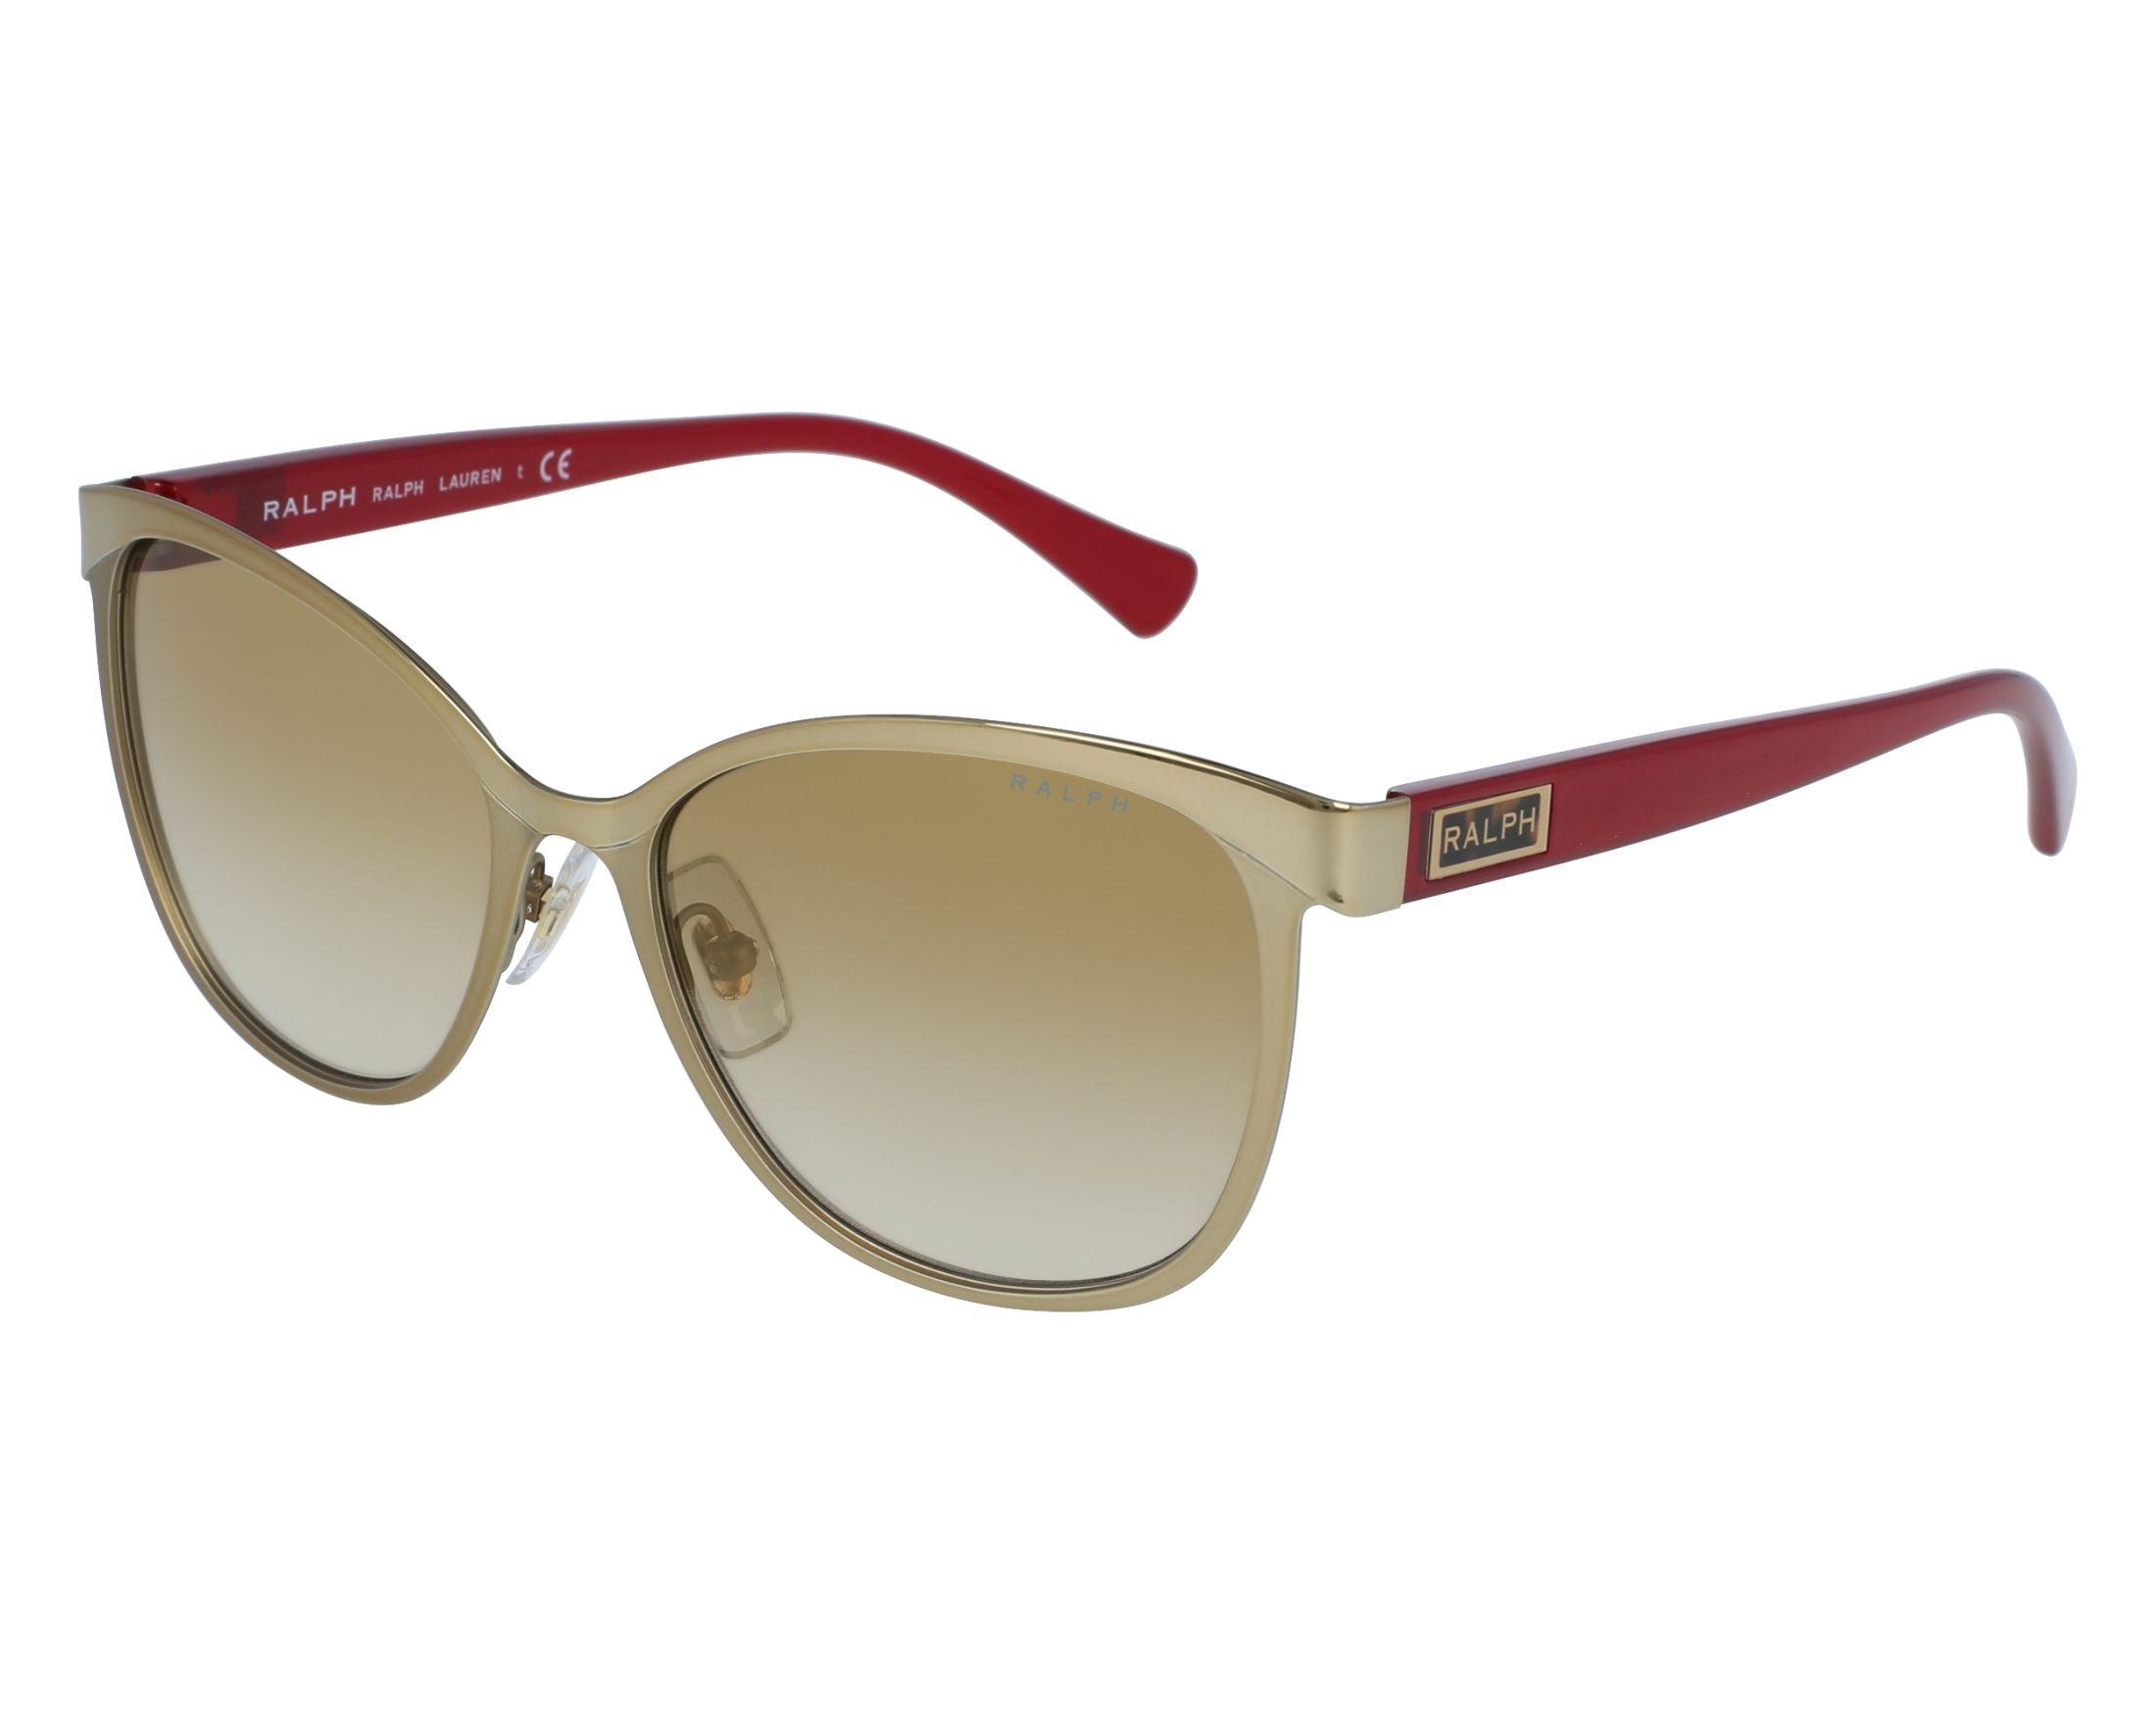 Ralph RA4118 Sonnenbrille Schwarz 31808G 54mm gp9fC6DoWB